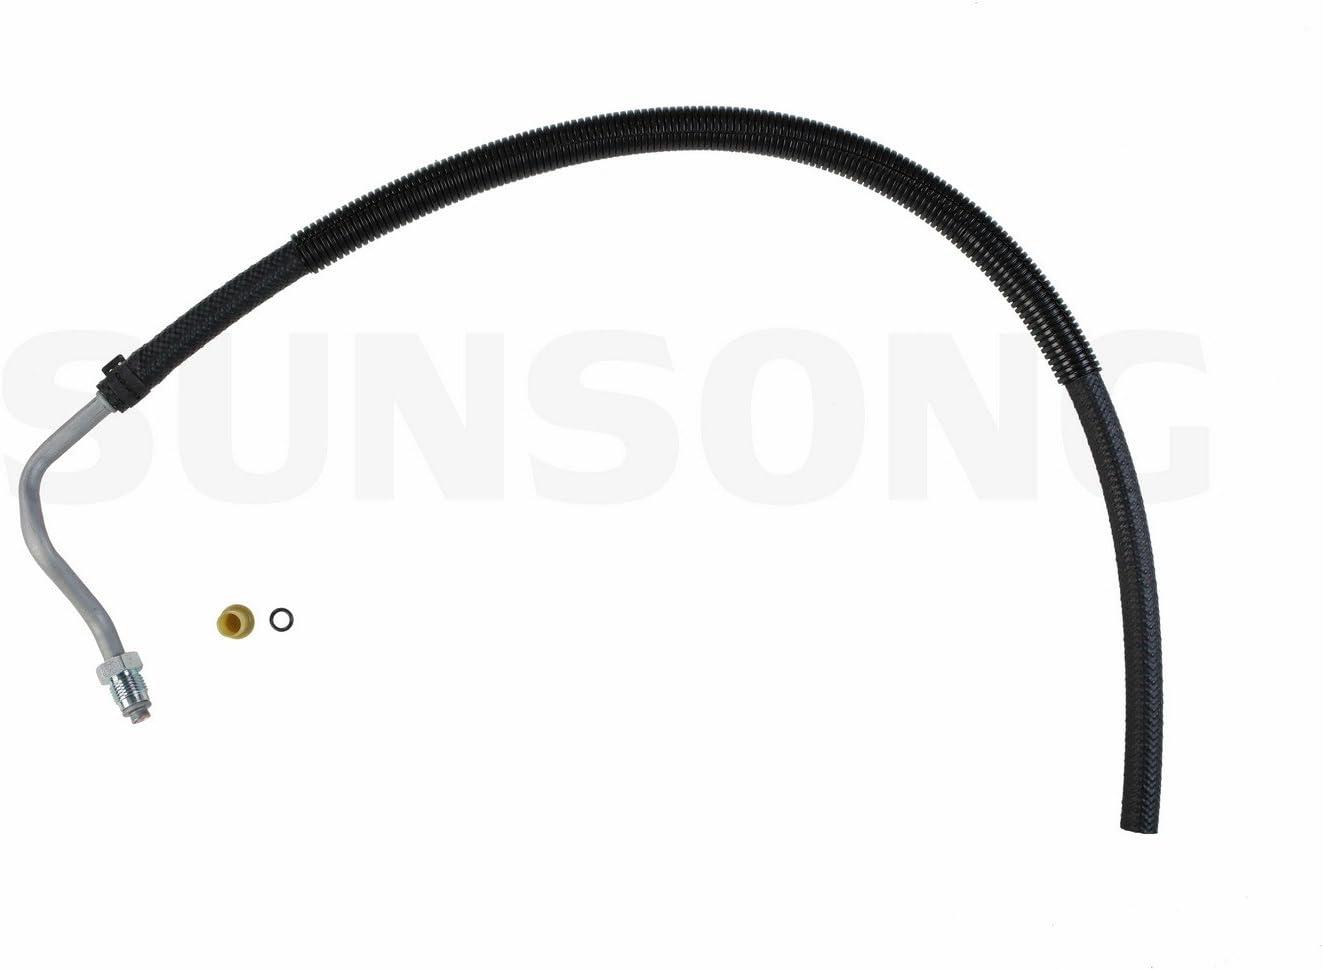 Sunsong 3401698 Power Steering Return Line Hose Assembly